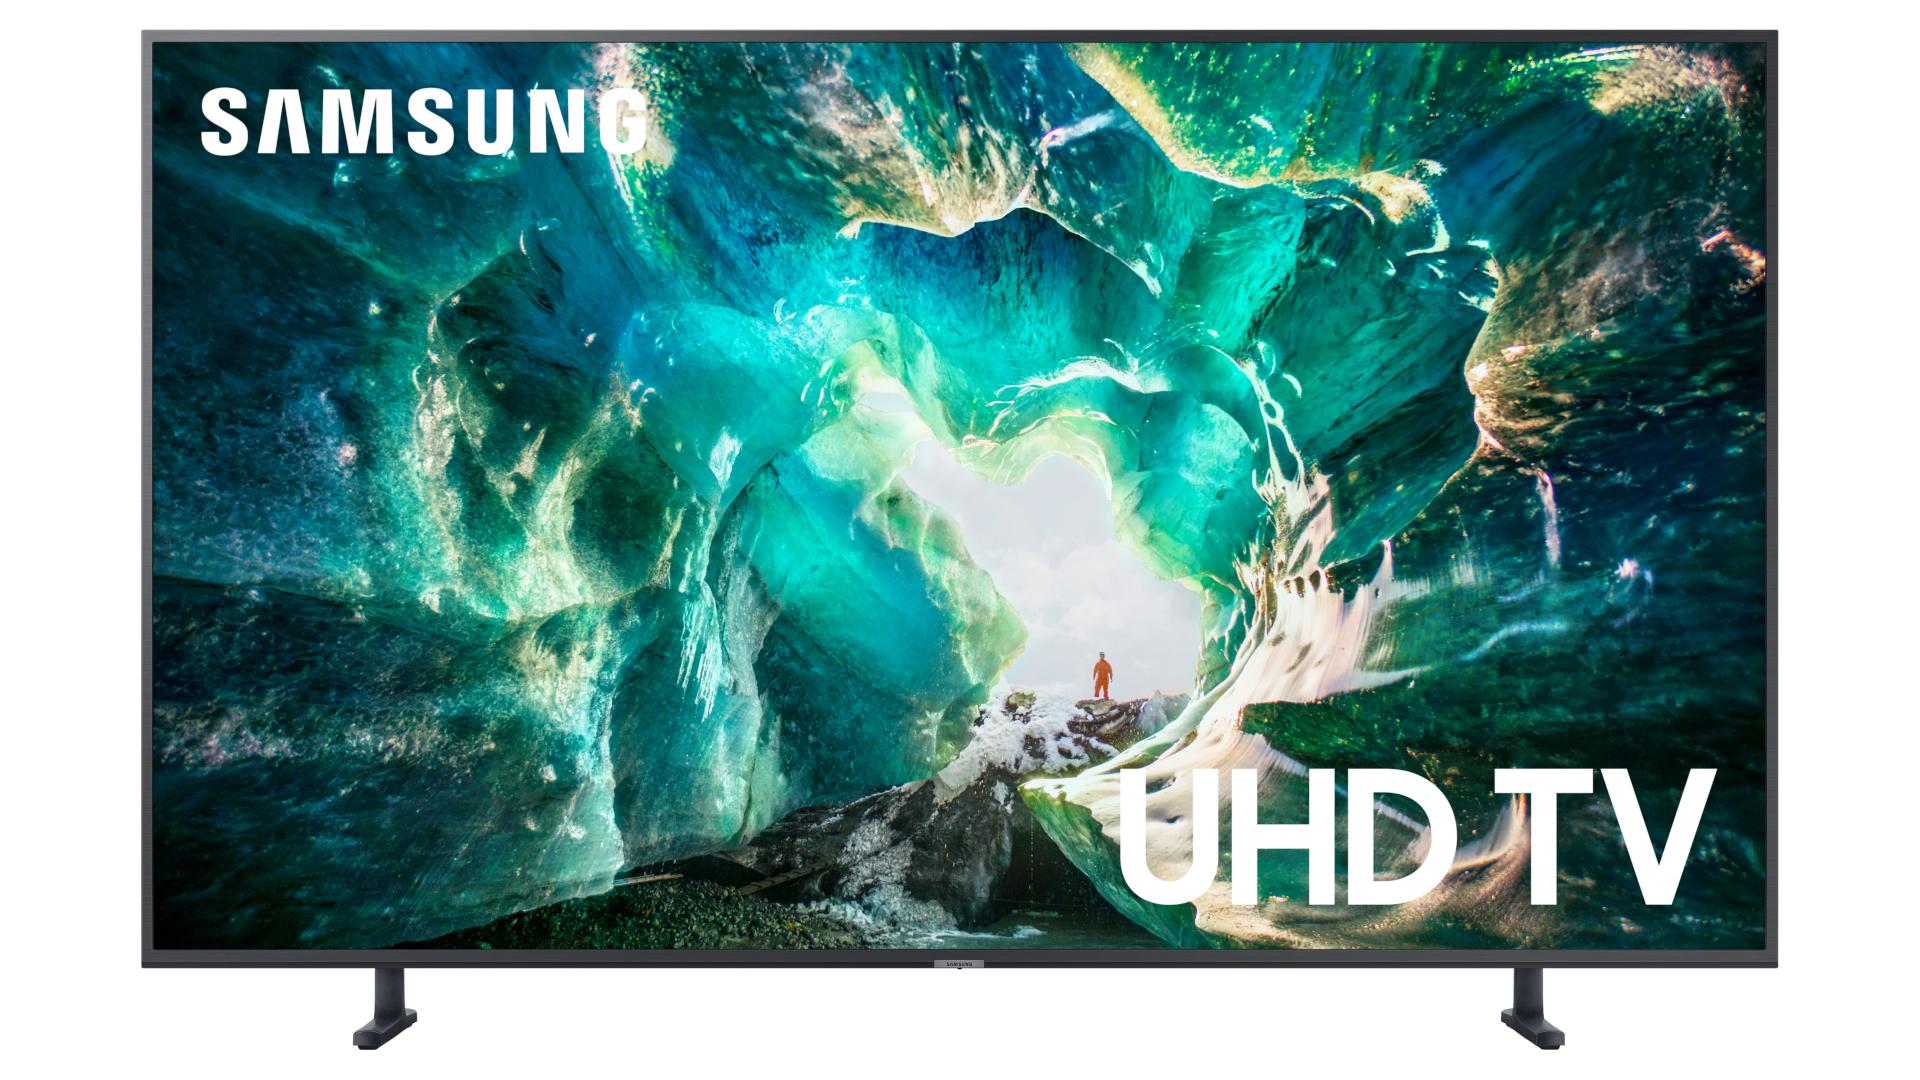 Samsung TV 2020: každý nový QLED a LED televízor Samsung prichádza tento rok 15